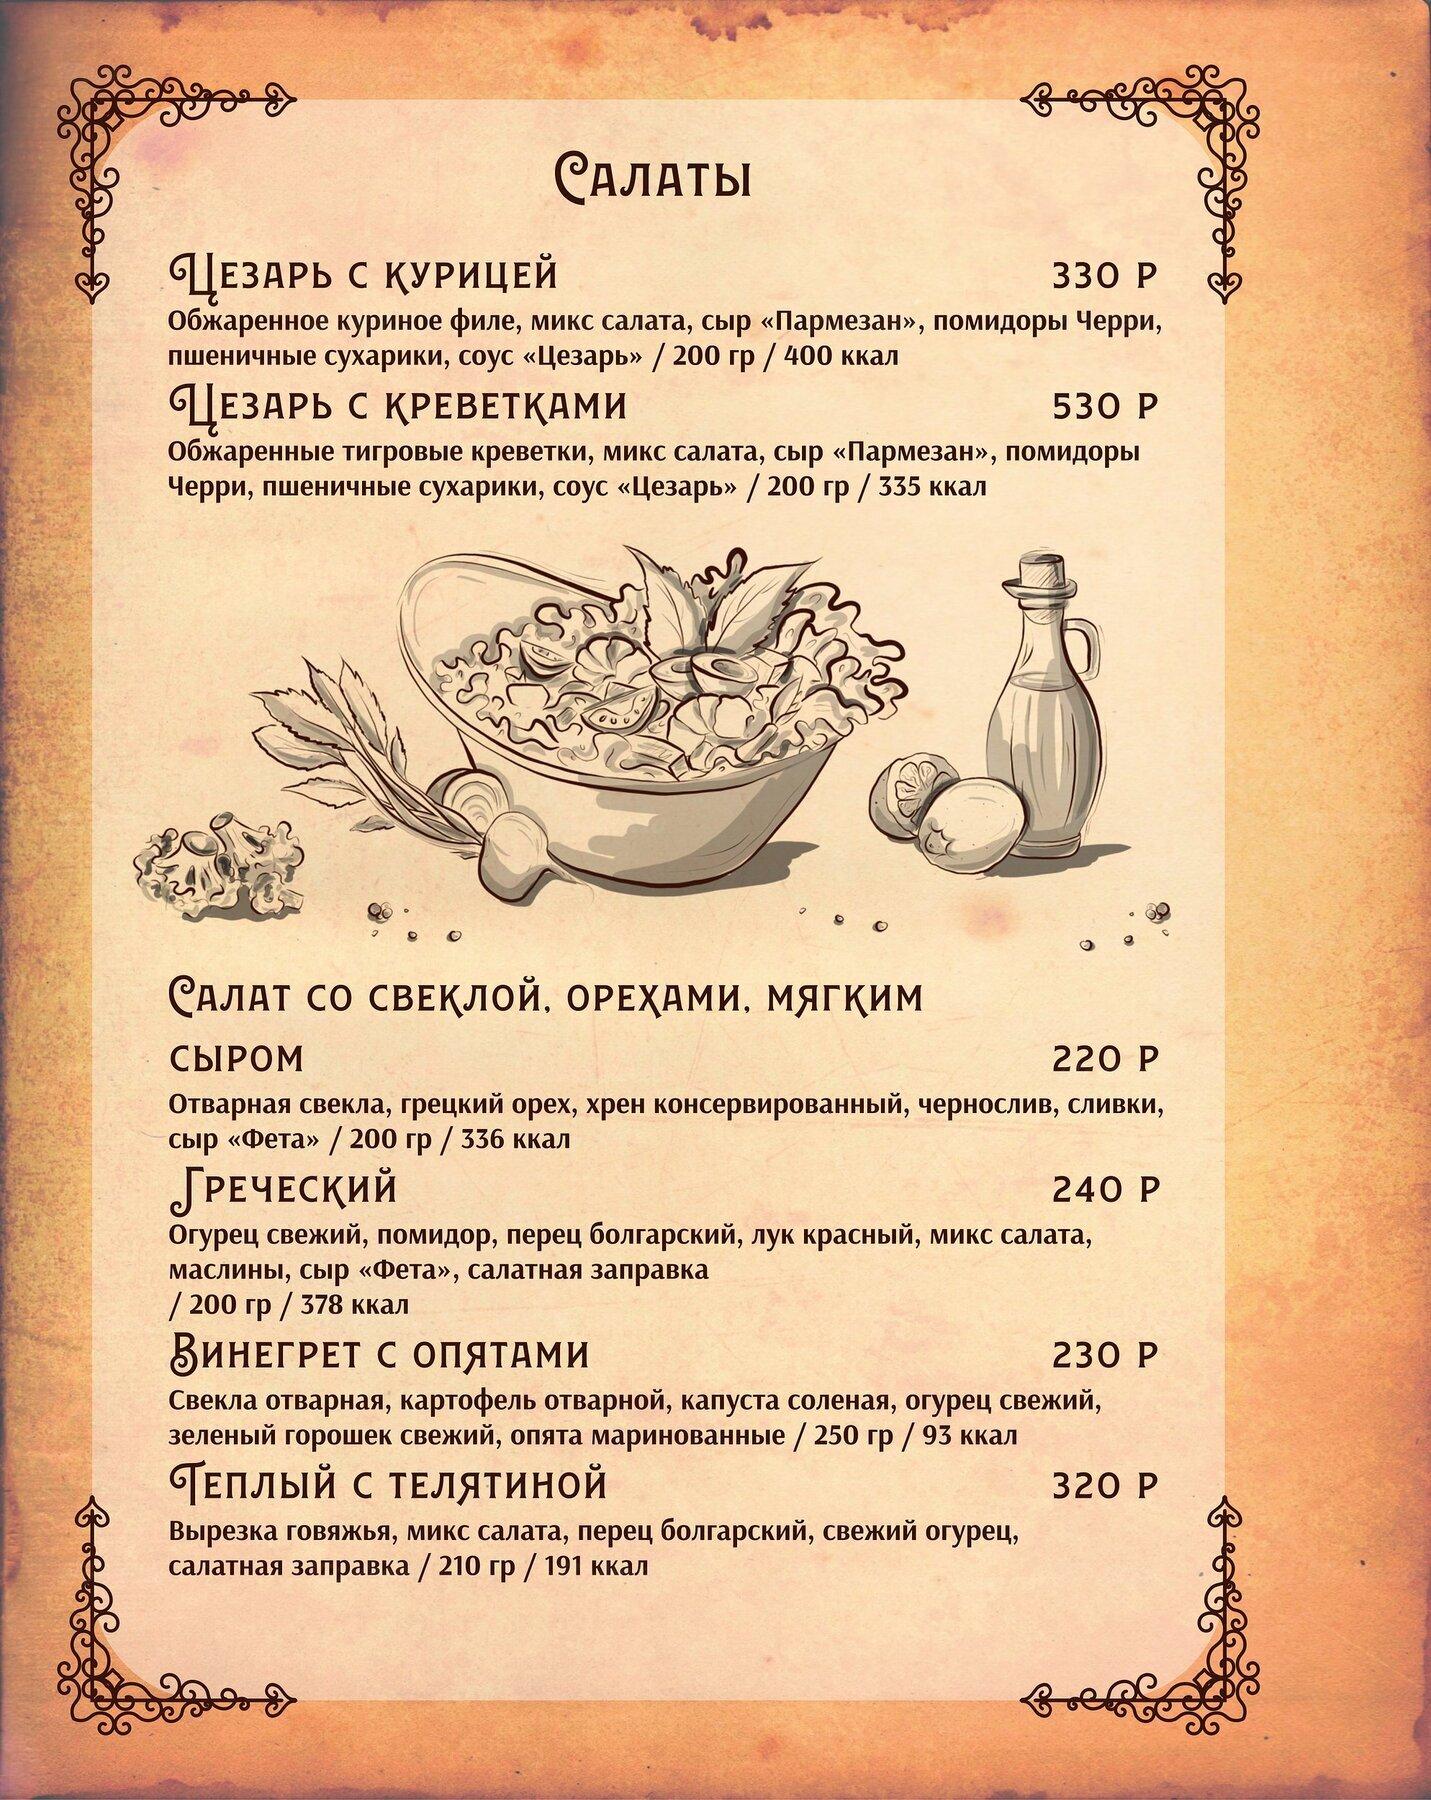 Меню кафе Грильяж на Октябрьской улице фото 4